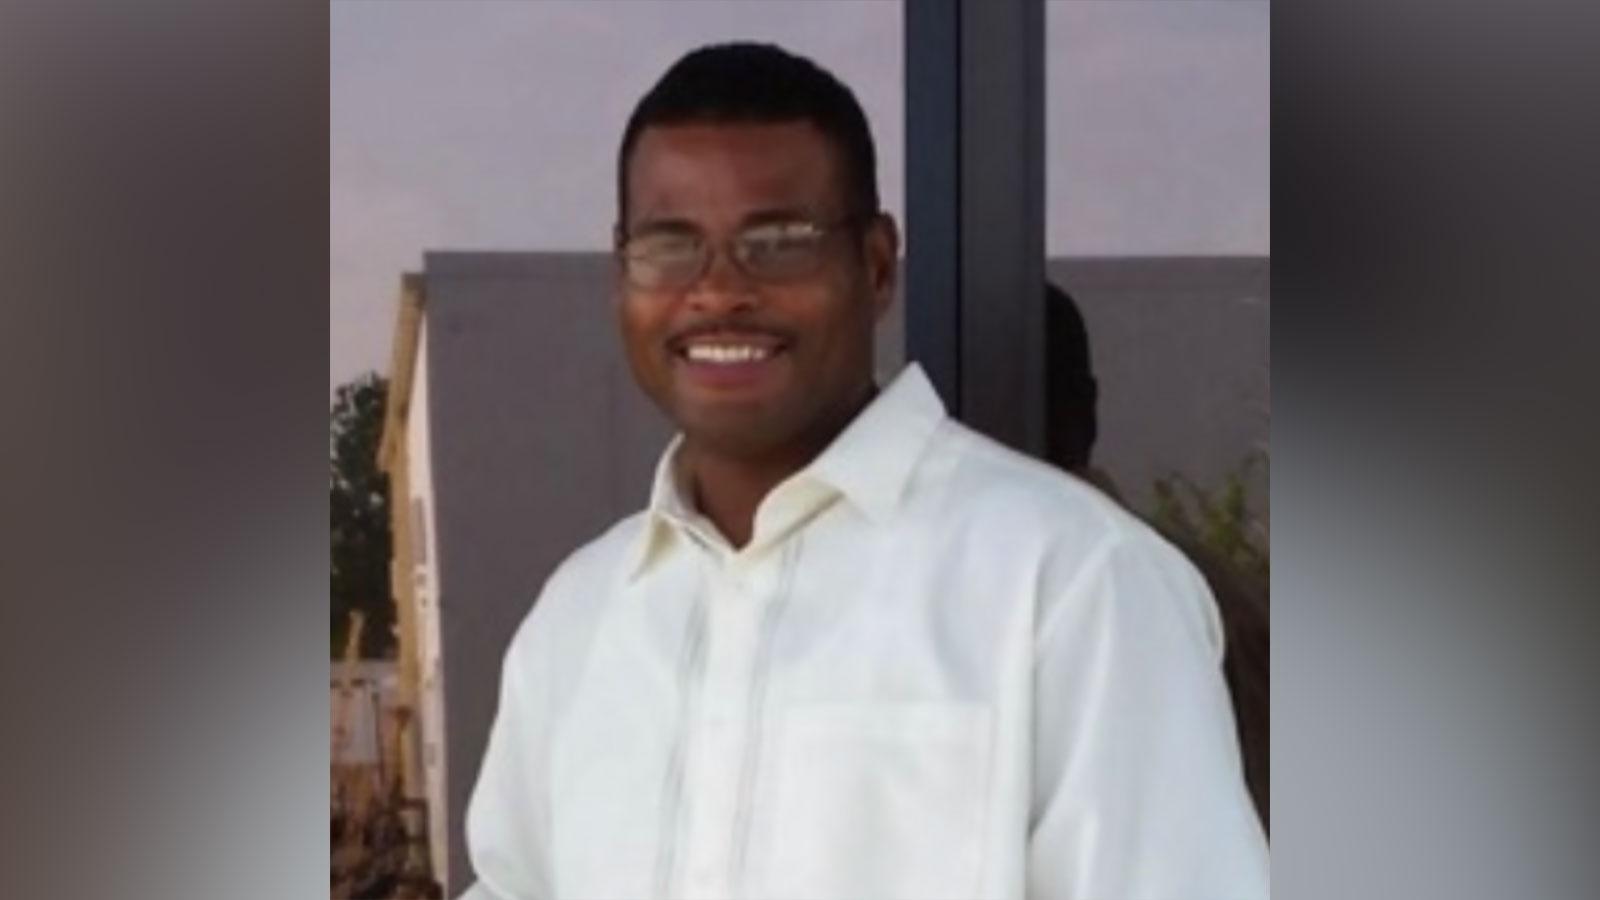 Berita Otopsi 2021: Hasil Otopsi Kematian Ronald Greene